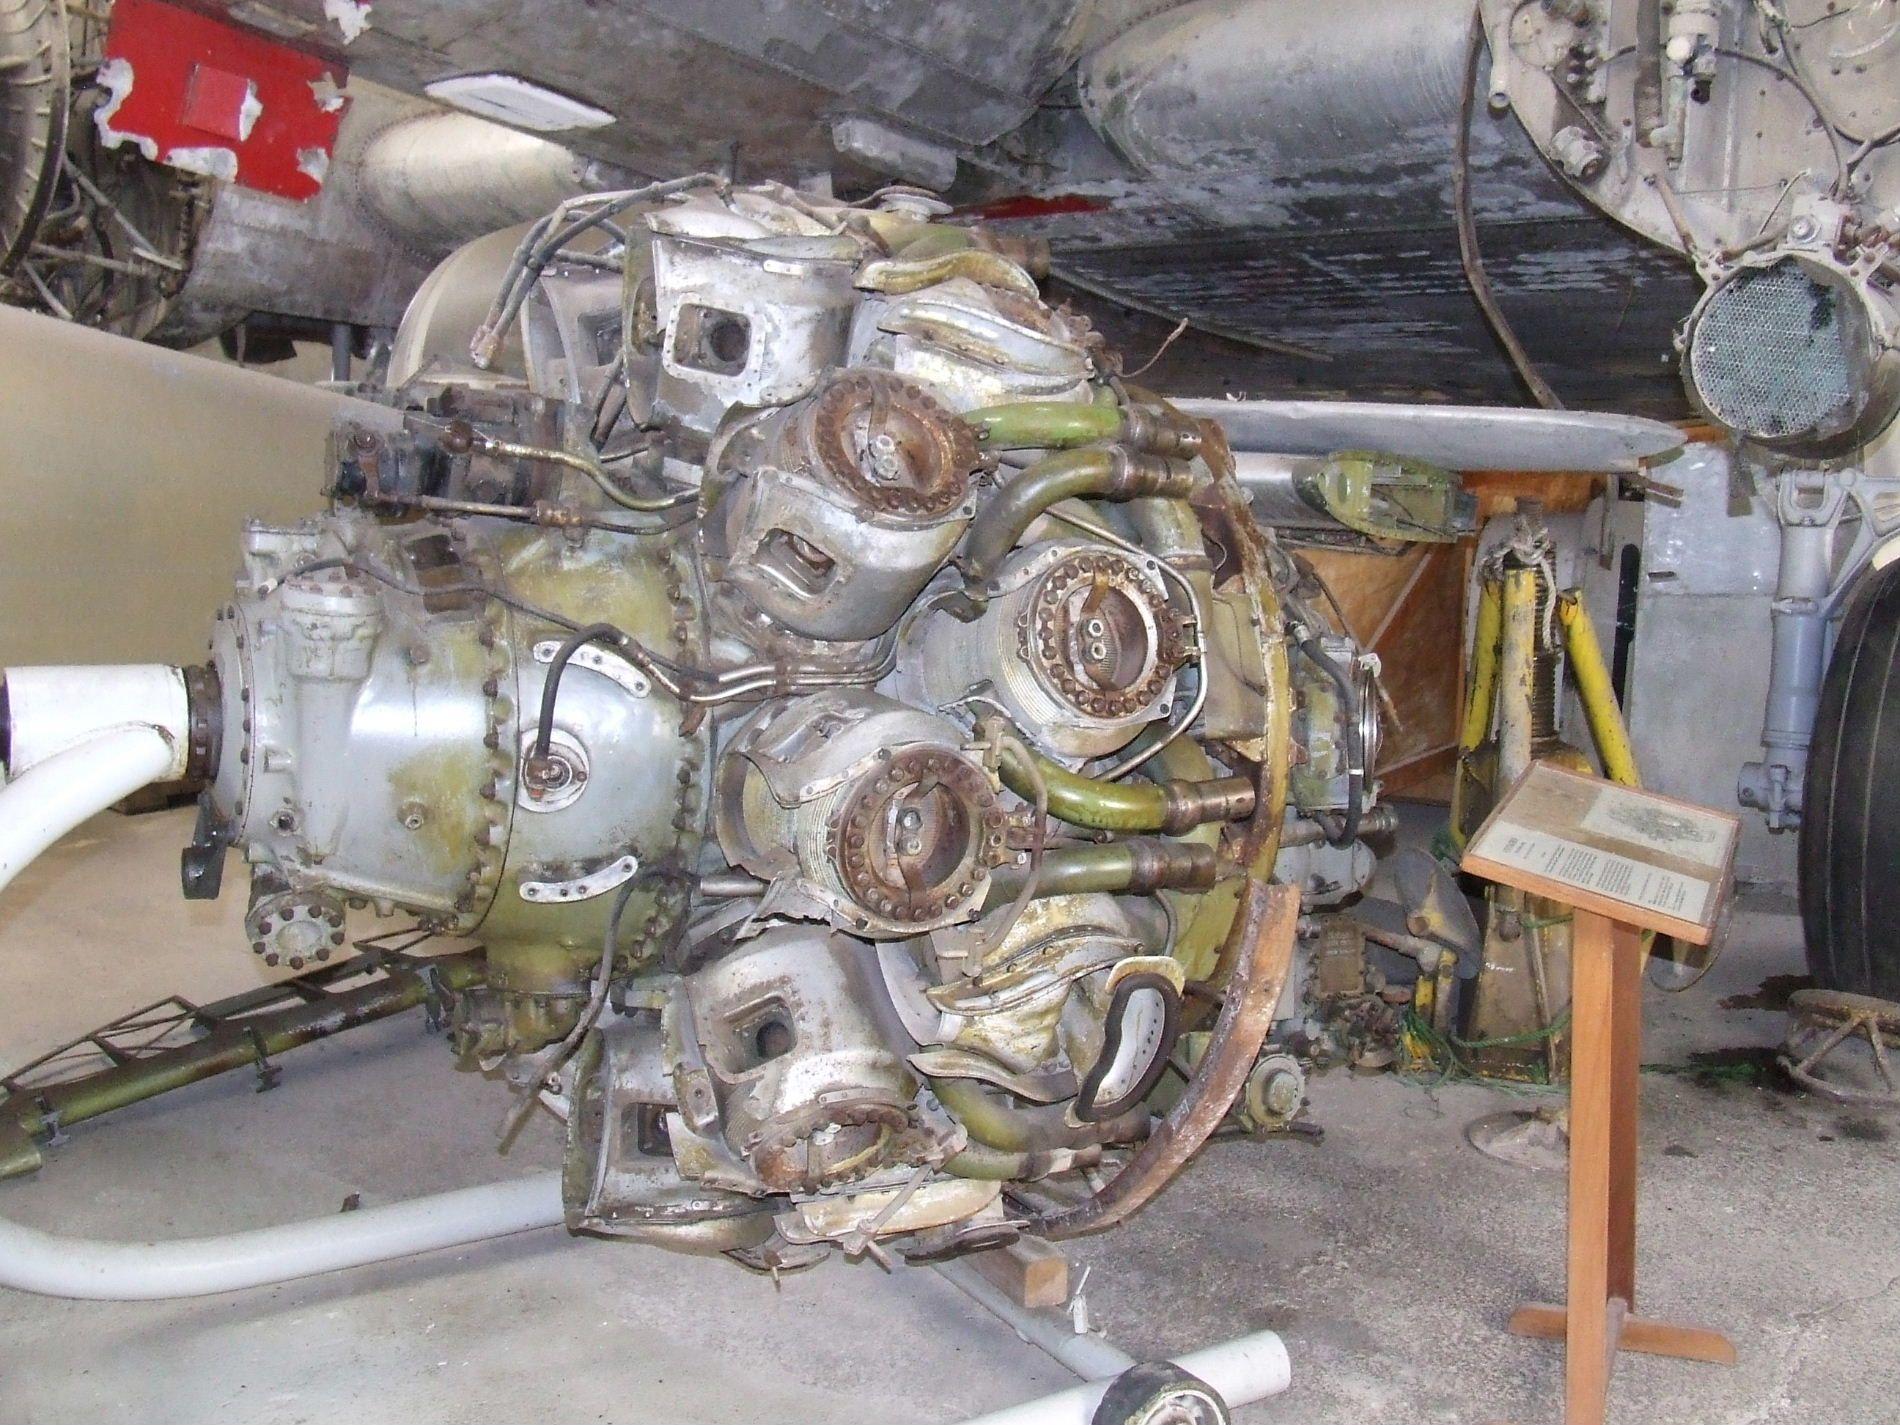 DSCF7351kl.JPG